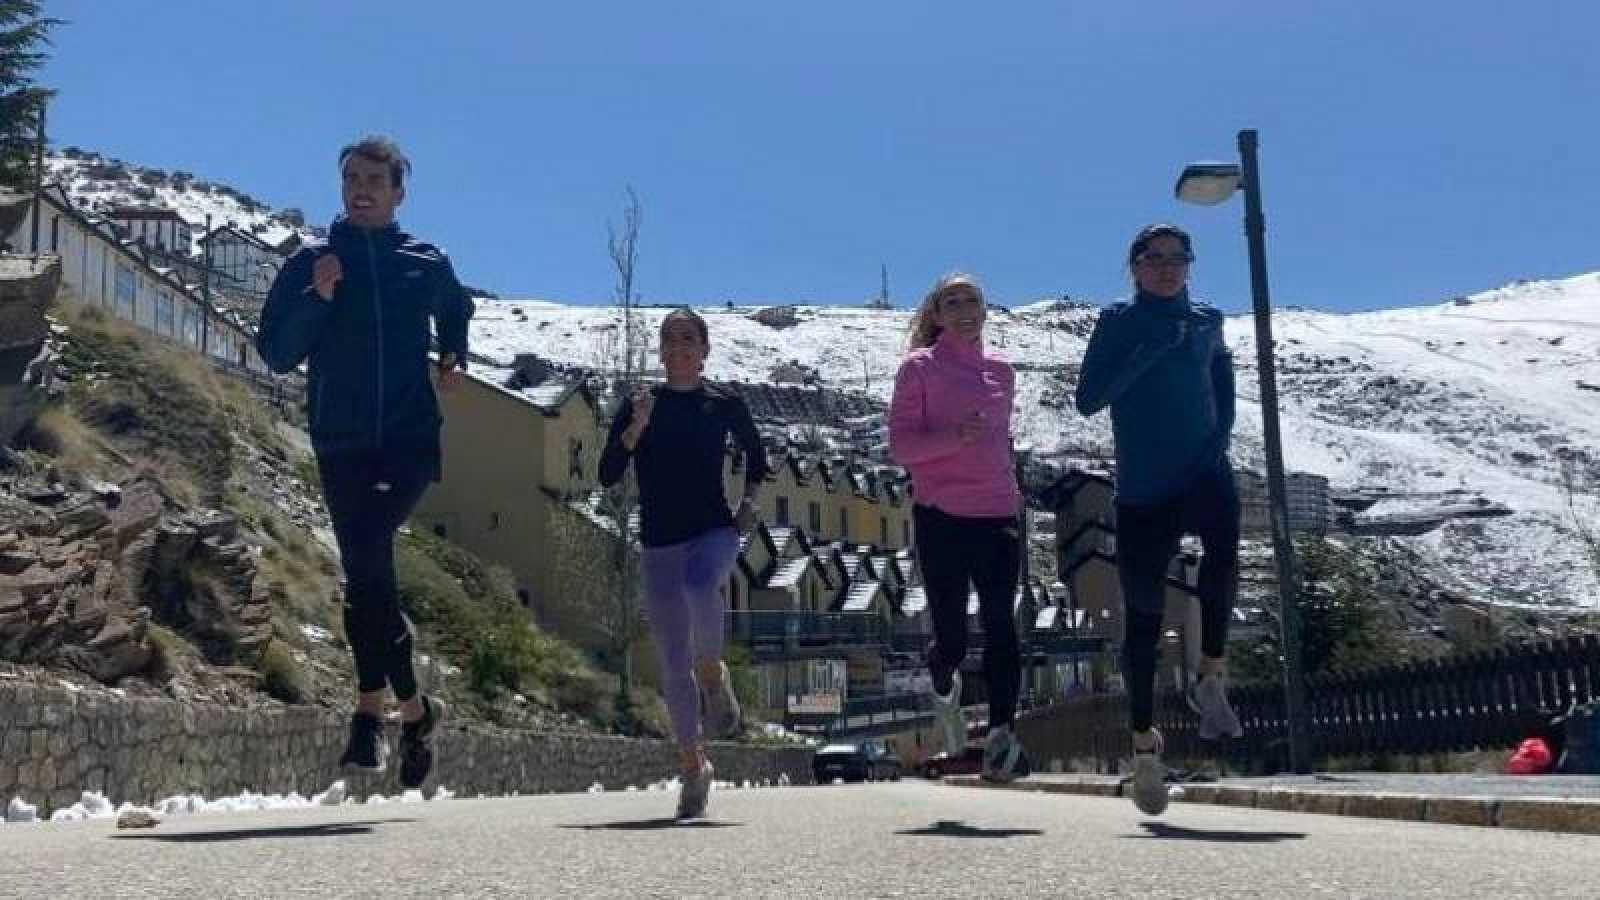 Los atletas Daniel Arce, Roberto Aláiz, Lidia Campo, Víctor Ruiz, Victoria Sauleda y Alejandro Rodríguez han pasado el confinamiento en Sierra Nevada.